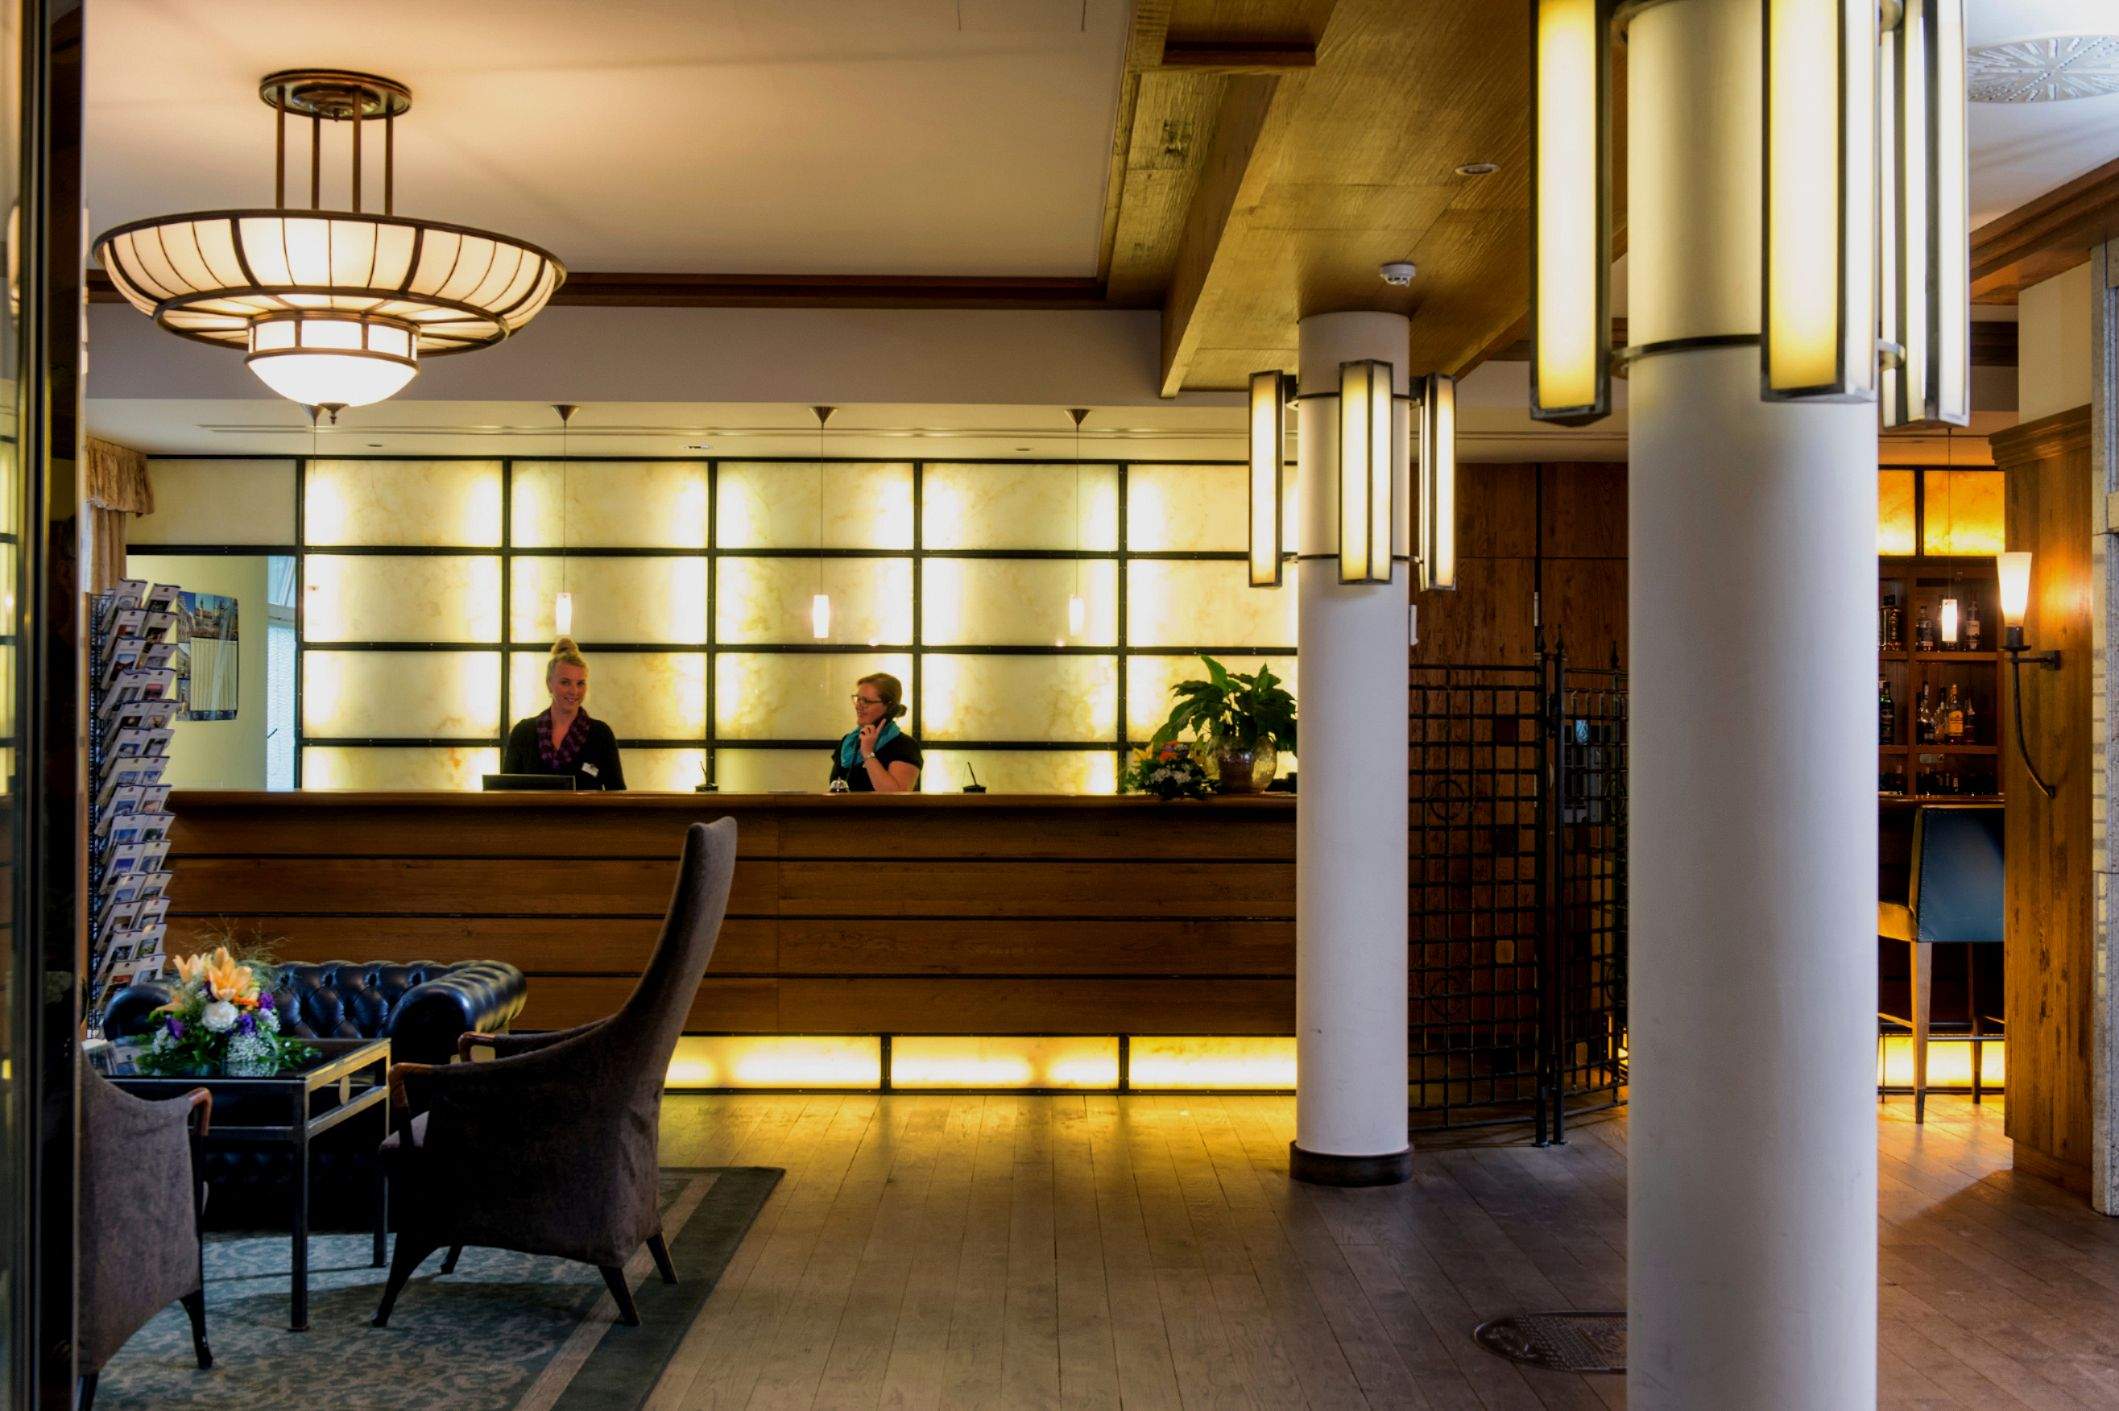 Best Western soibelmann Hotel Lutherstadt Wittenberg